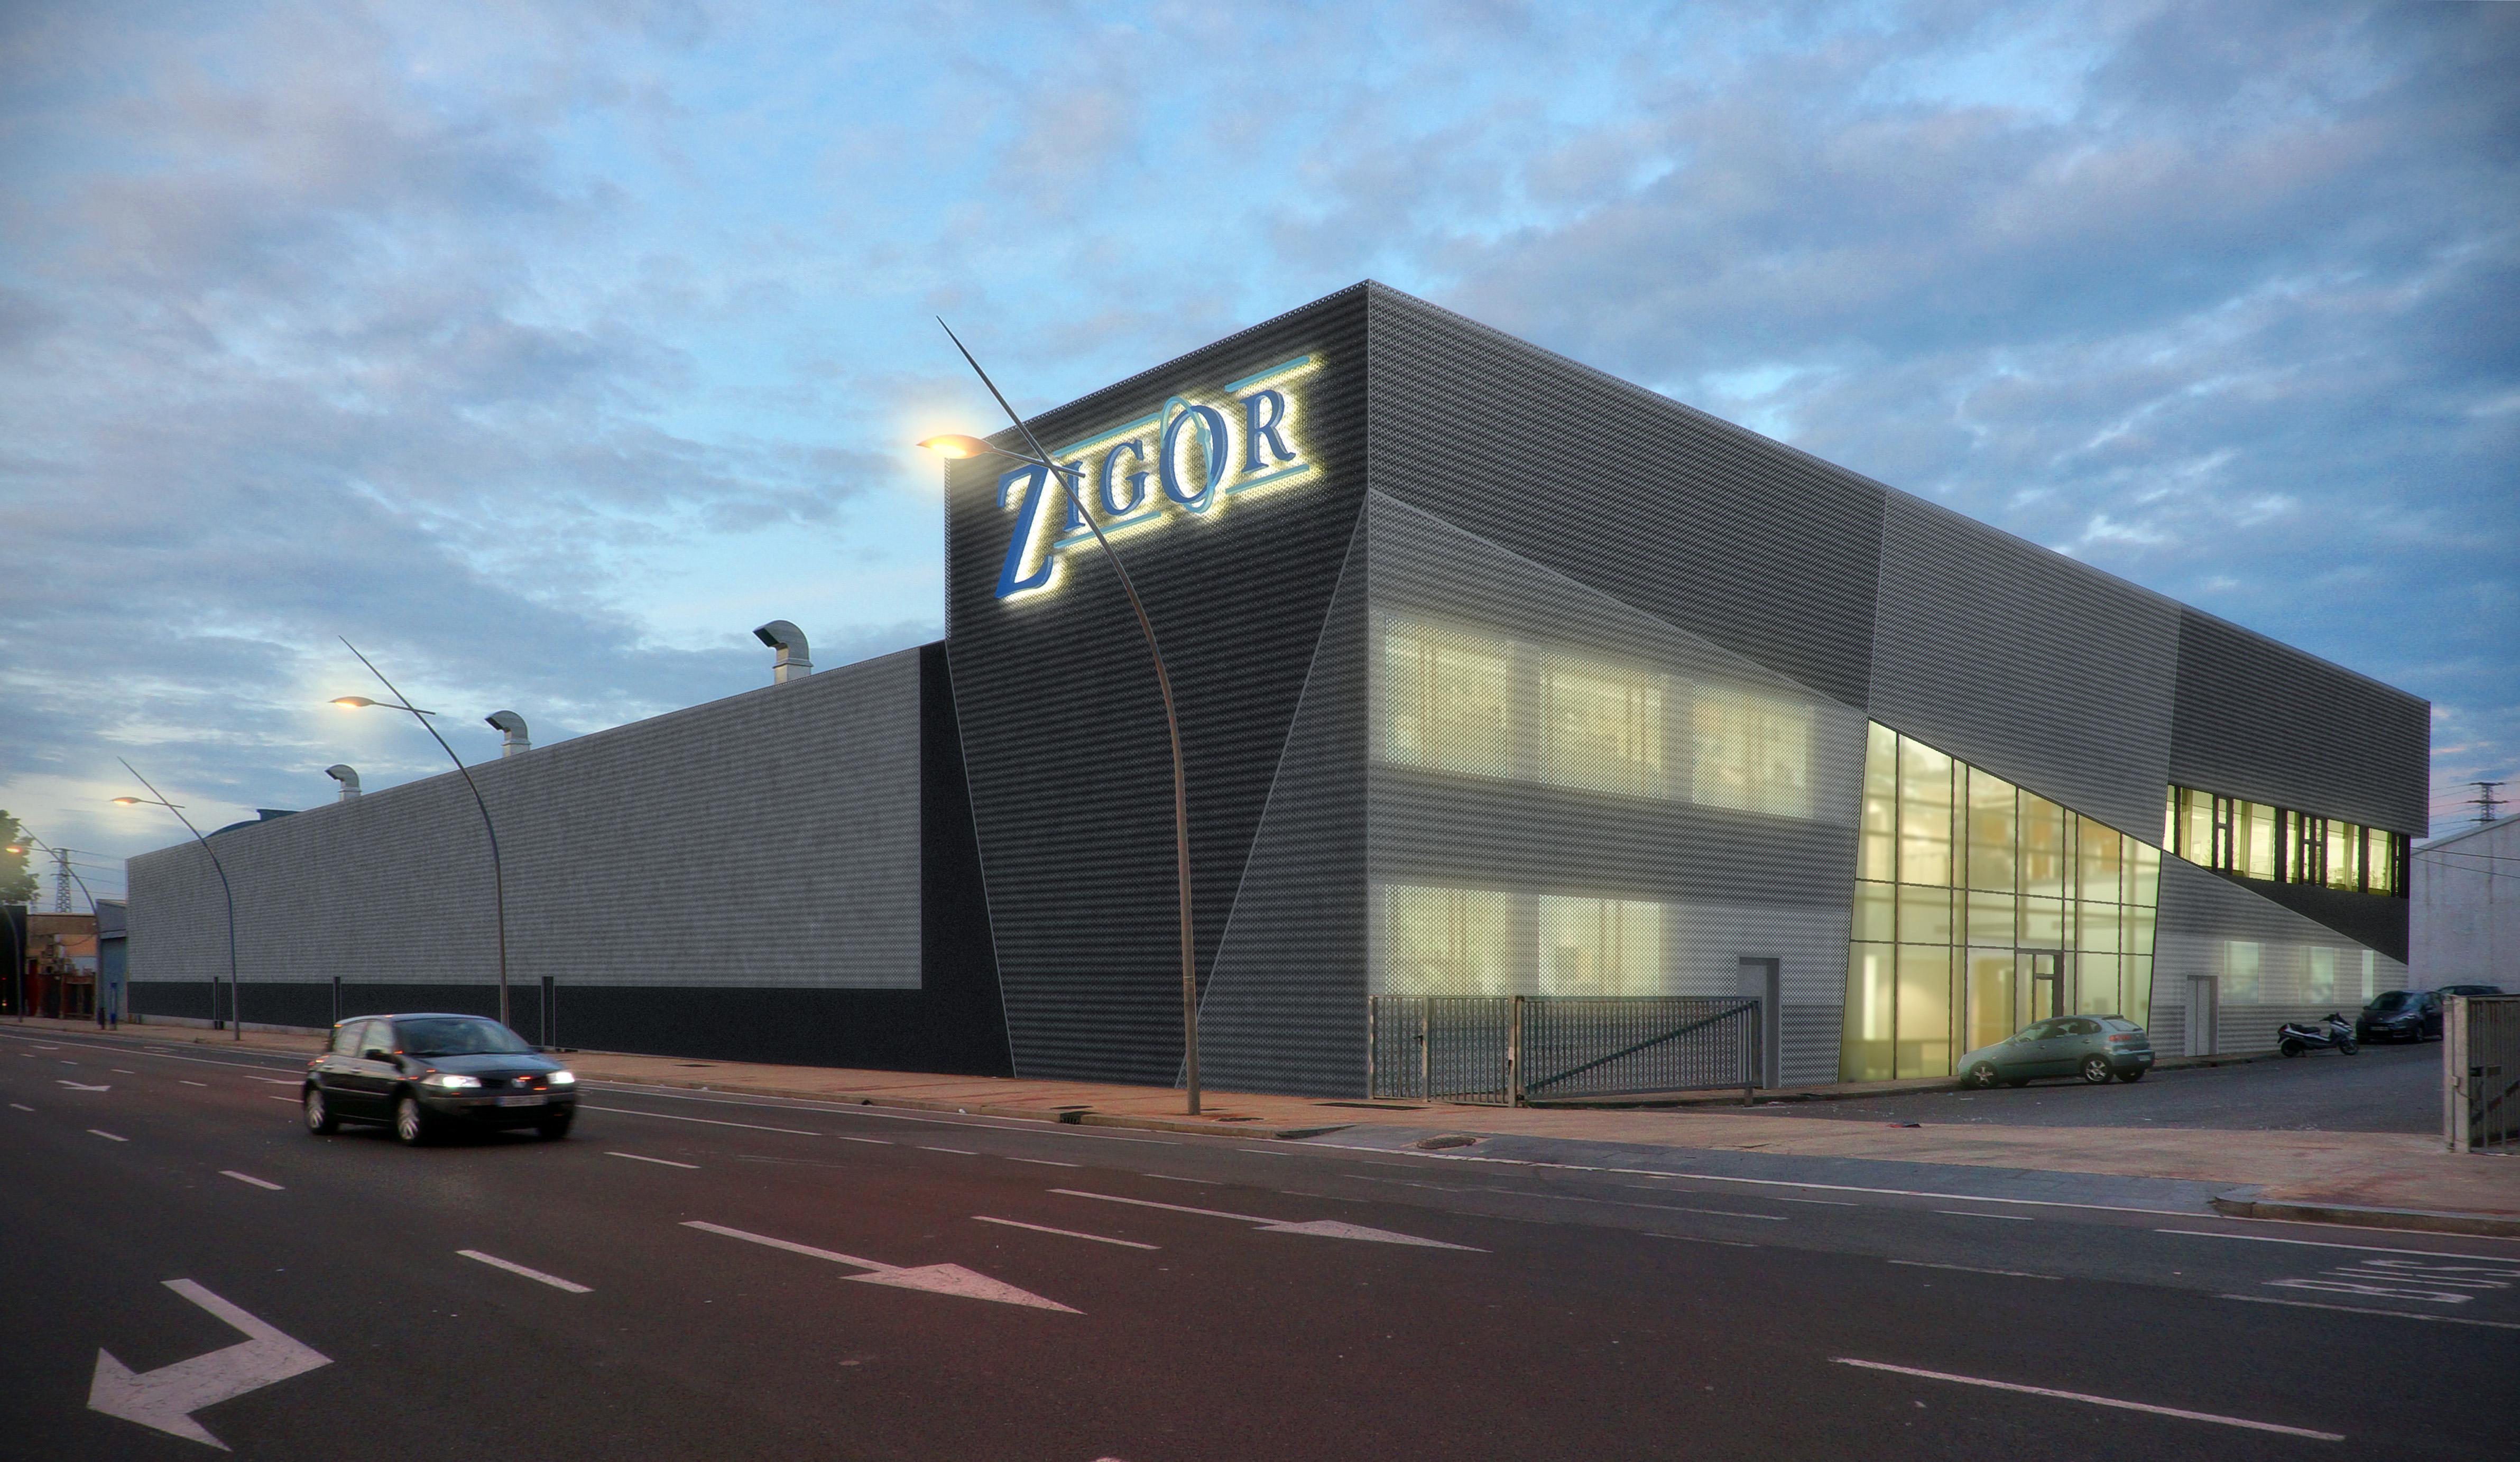 Zigor_noche